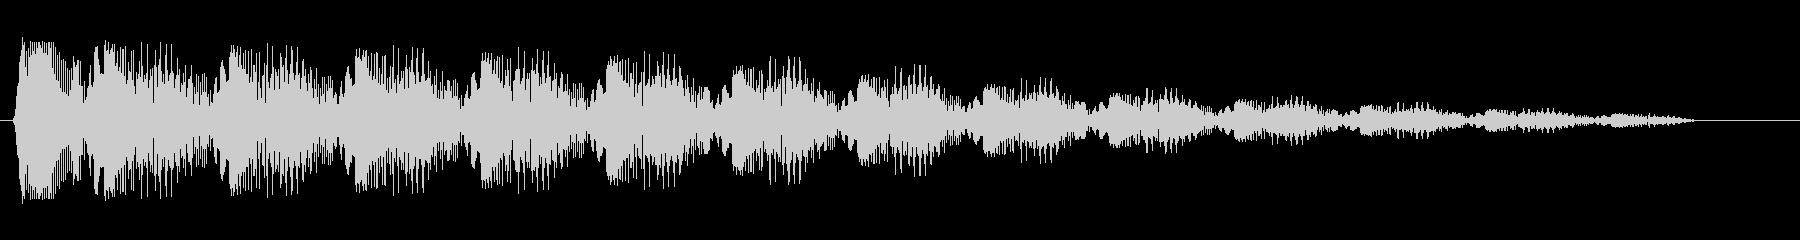 ピロロロロ..消(機械的なループ音)の未再生の波形